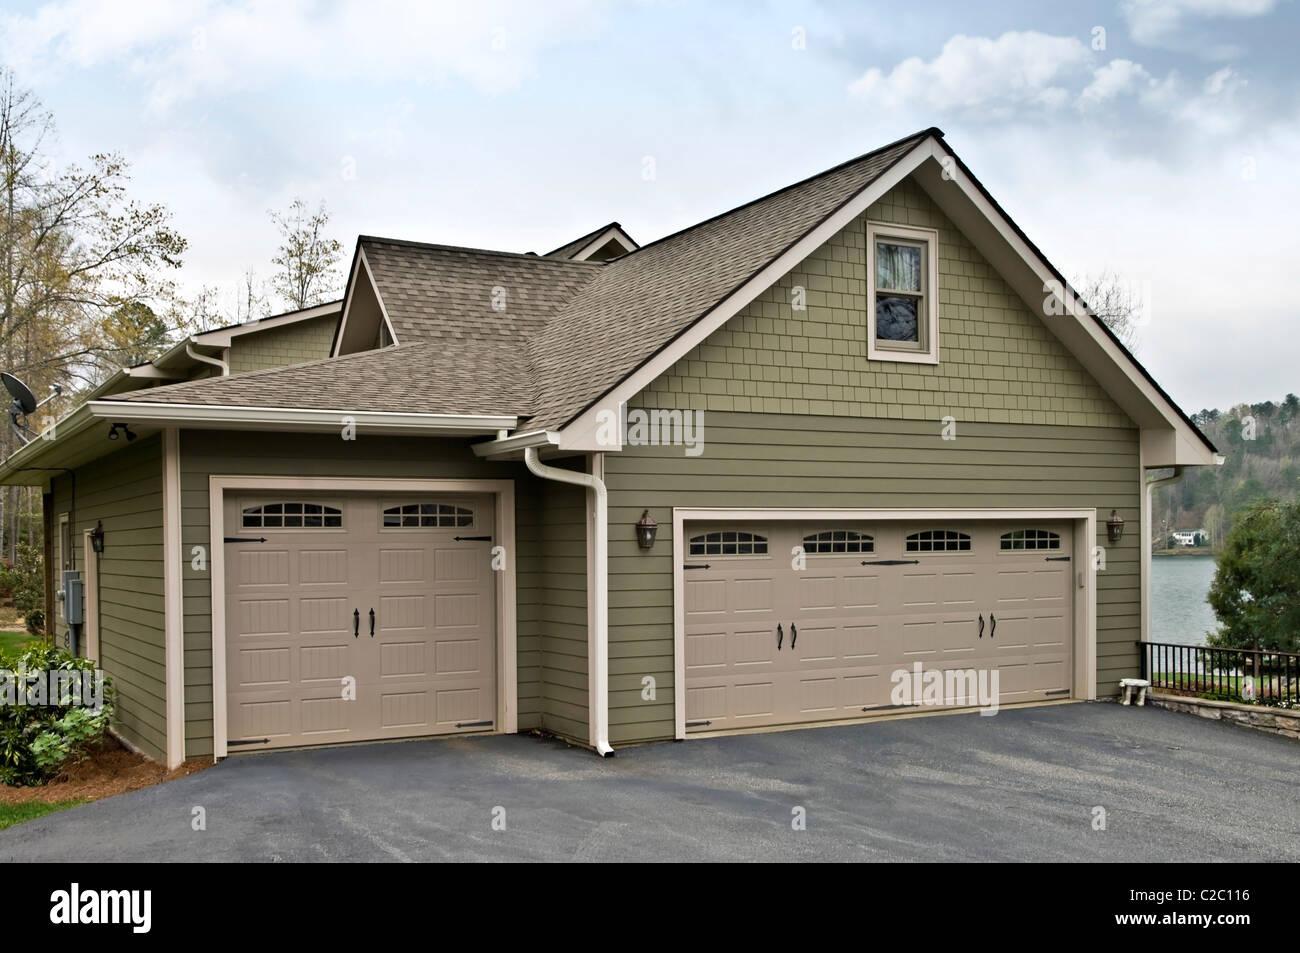 Lado de una casa moderna que muestra las tres puertas de garaje. Imagen De Stock